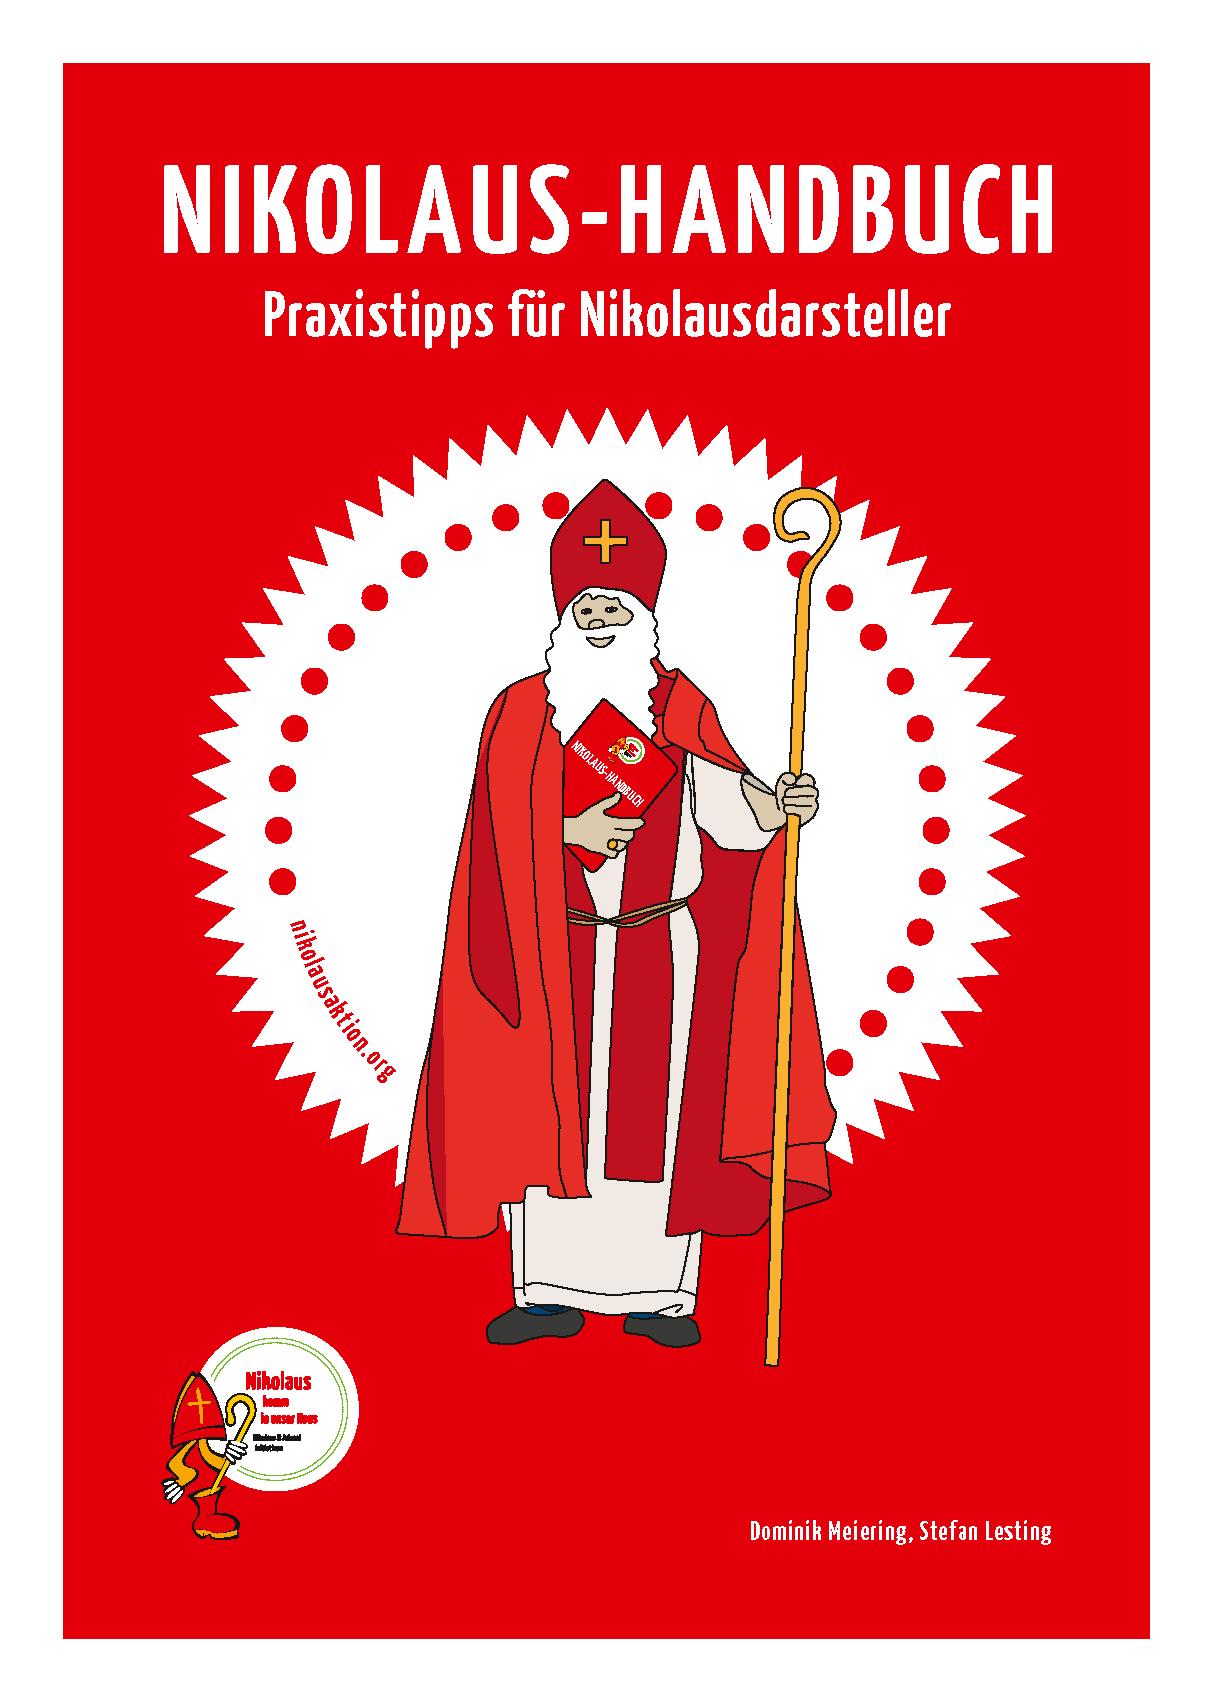 Nikolaus-Handbuch